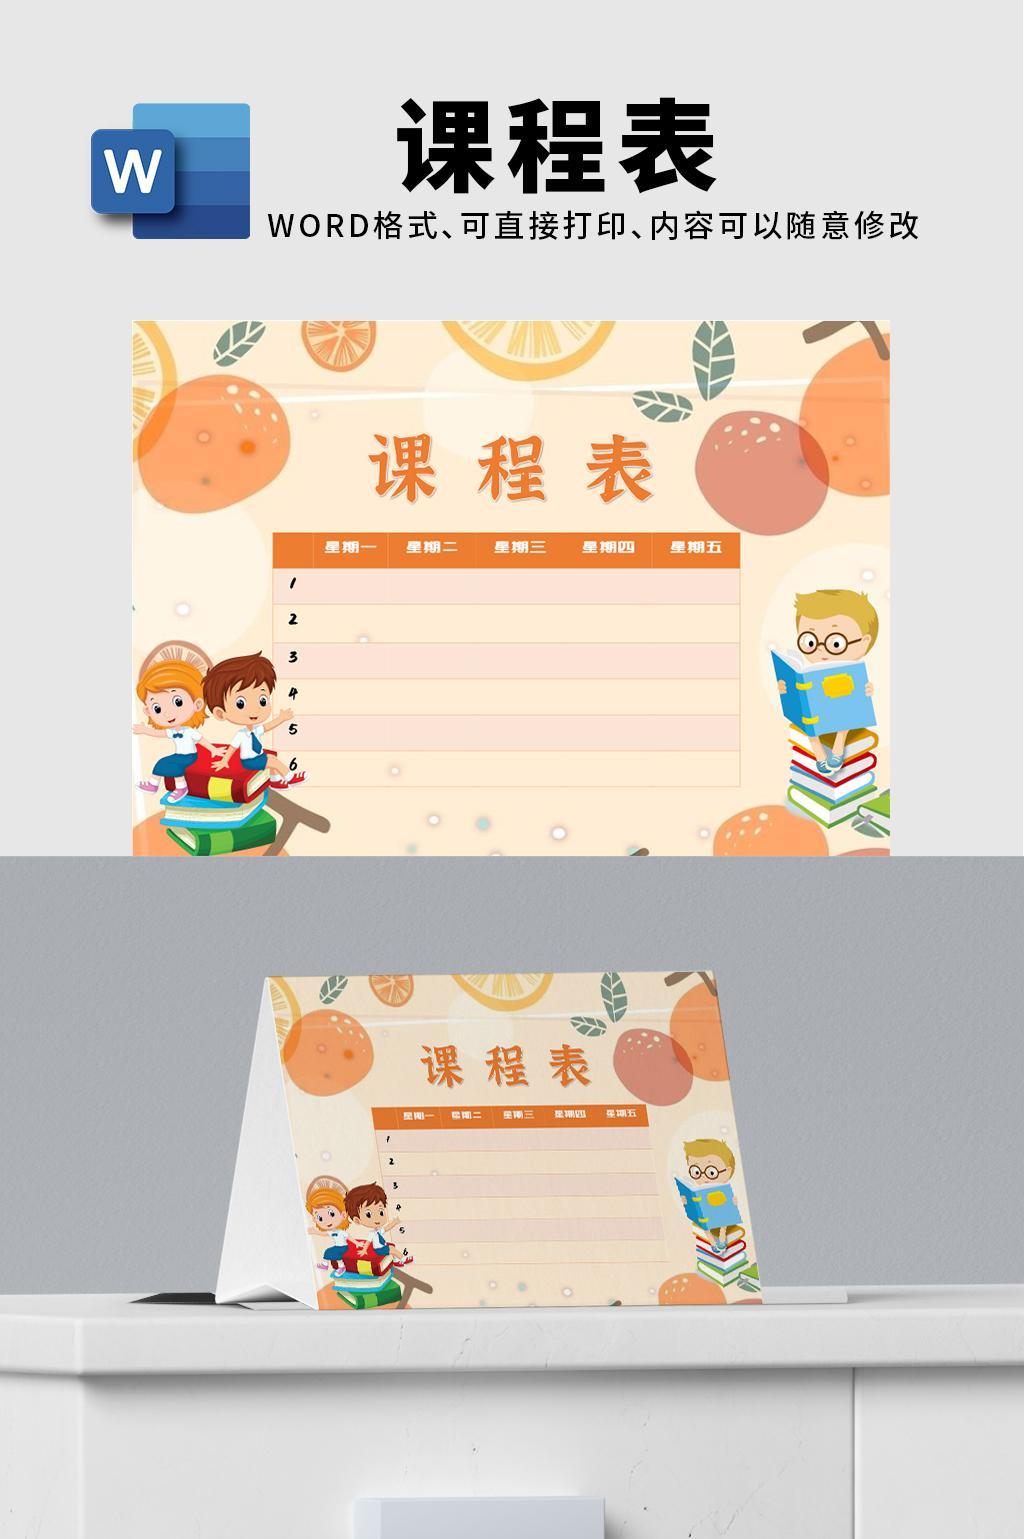 简约手绘水果课程表word模板